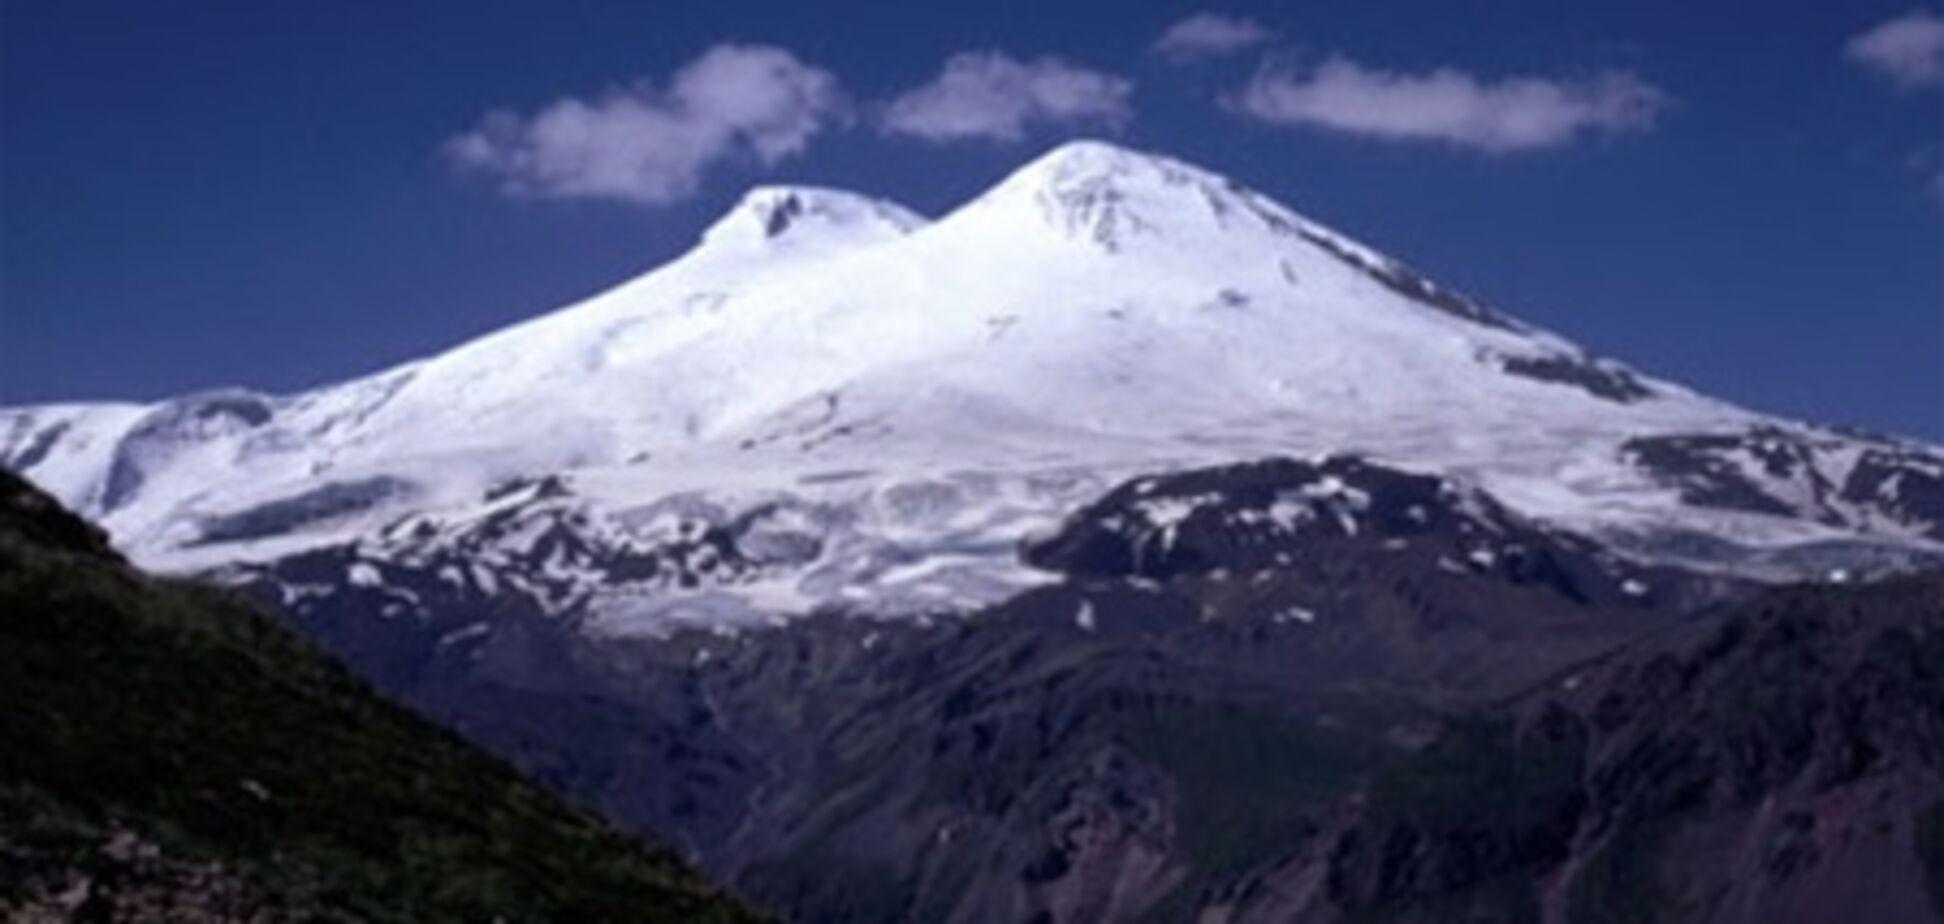 Почти сутки нет связи с пропавшими украинскими альпинистами